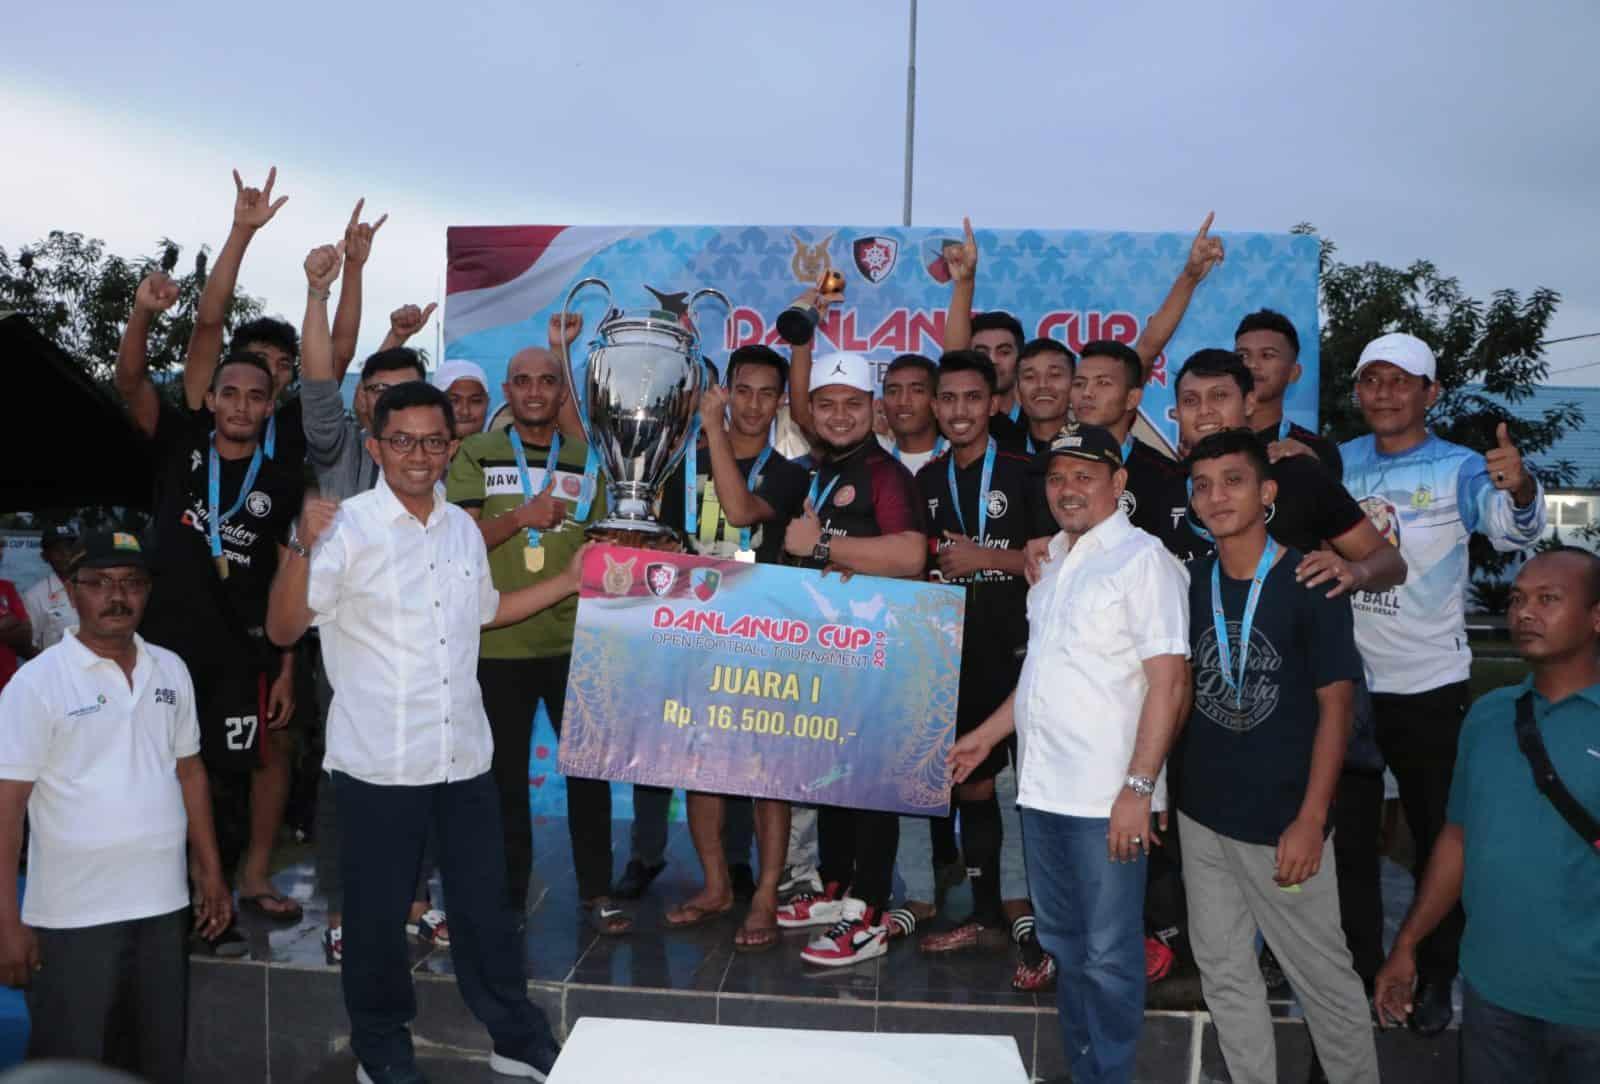 DANLANUD SIM CUP 2019 RESMI DITUTUP